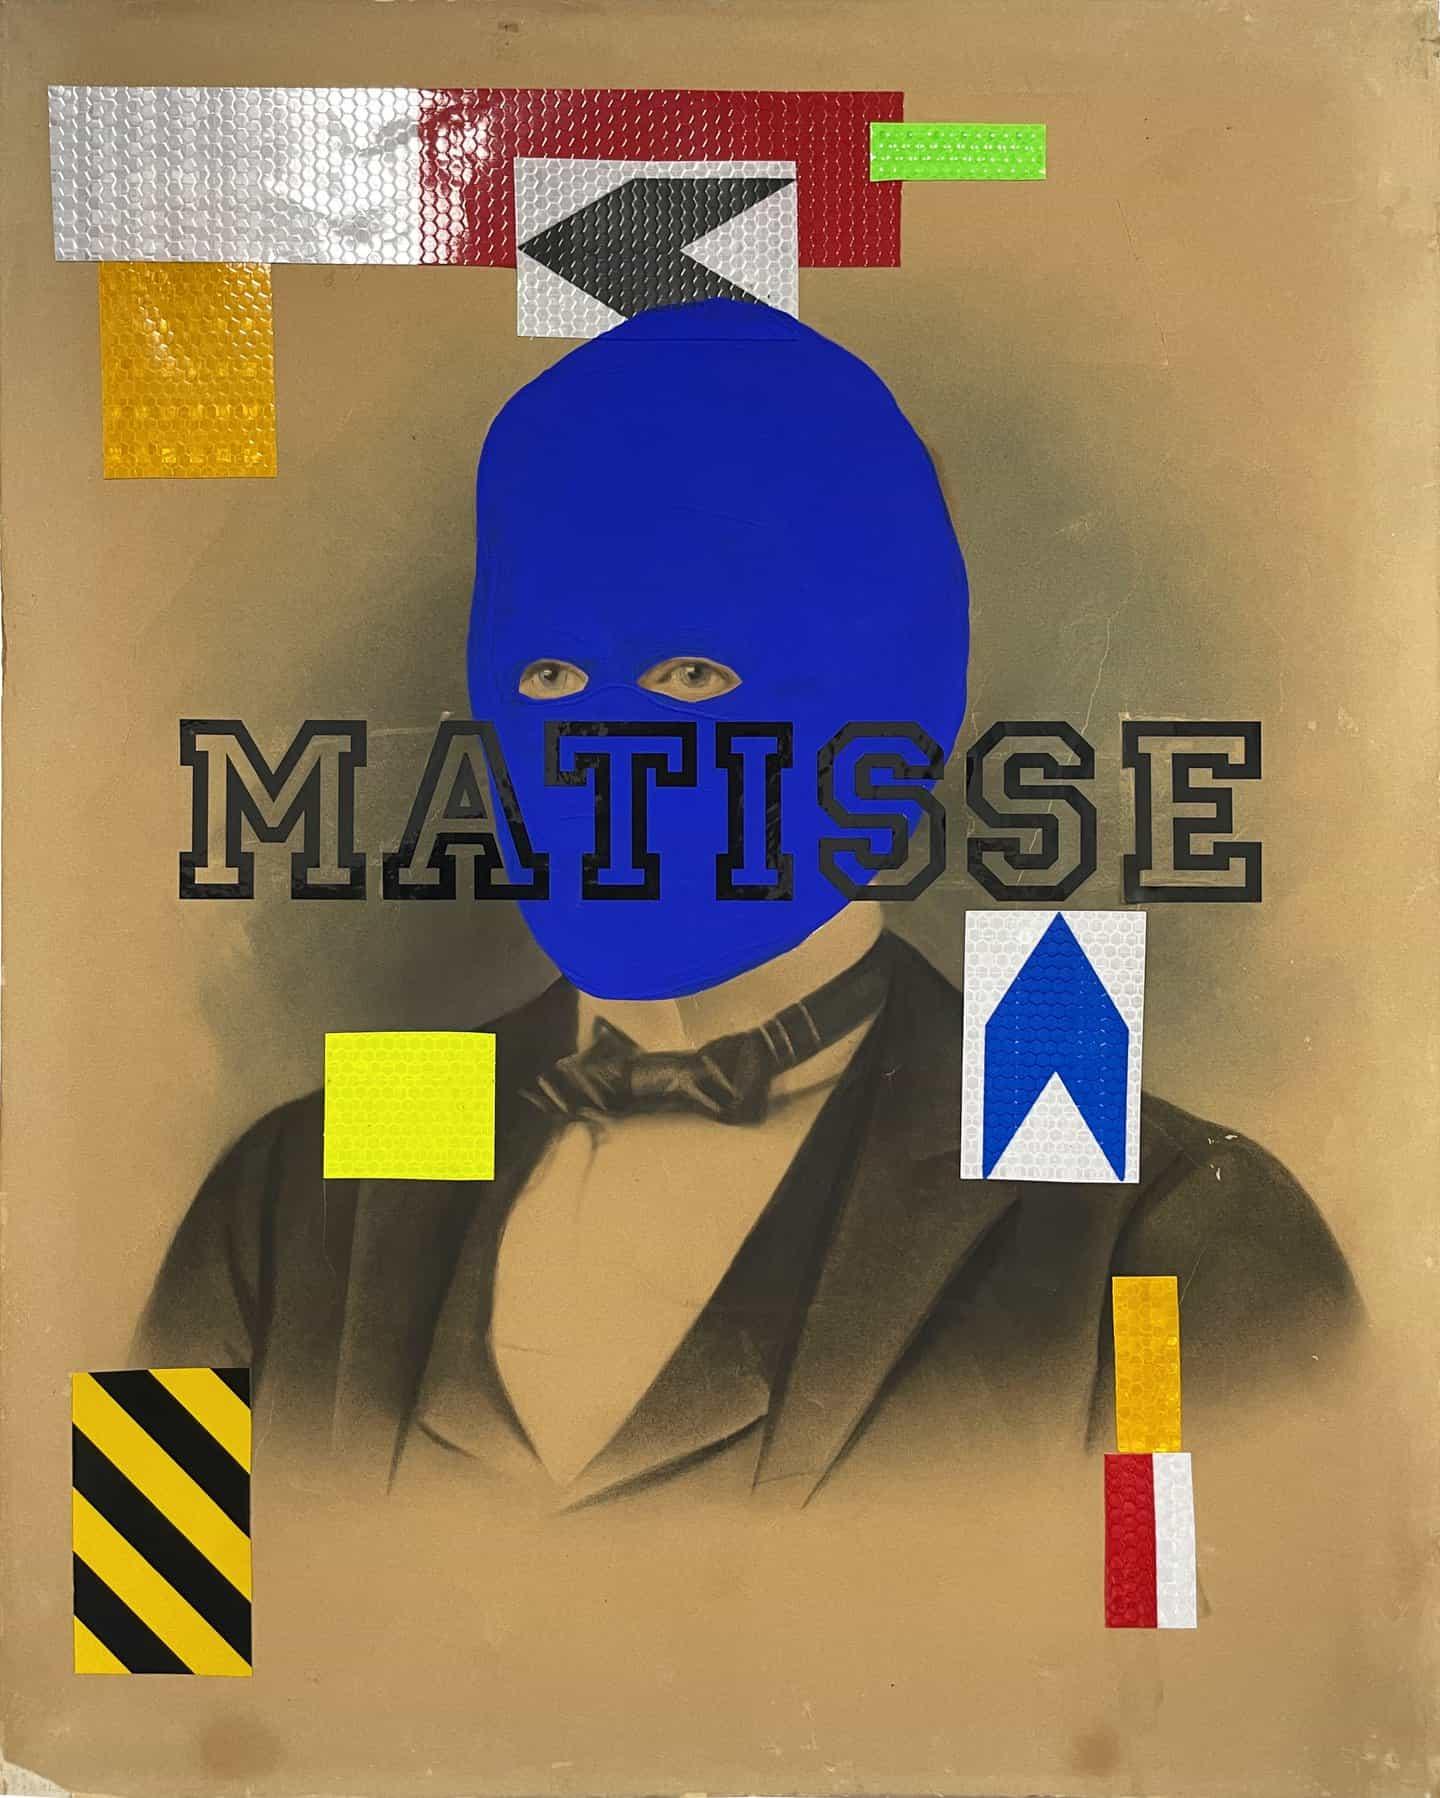 Brian Kenny: Mr. Matisse, cinta reflectante, calcomanía de vinilo y acrílico sobre litografía tintada antigua sobre lienzo. 20 x 16 pulgadas (Copyright © Brian Kenny, 2021)